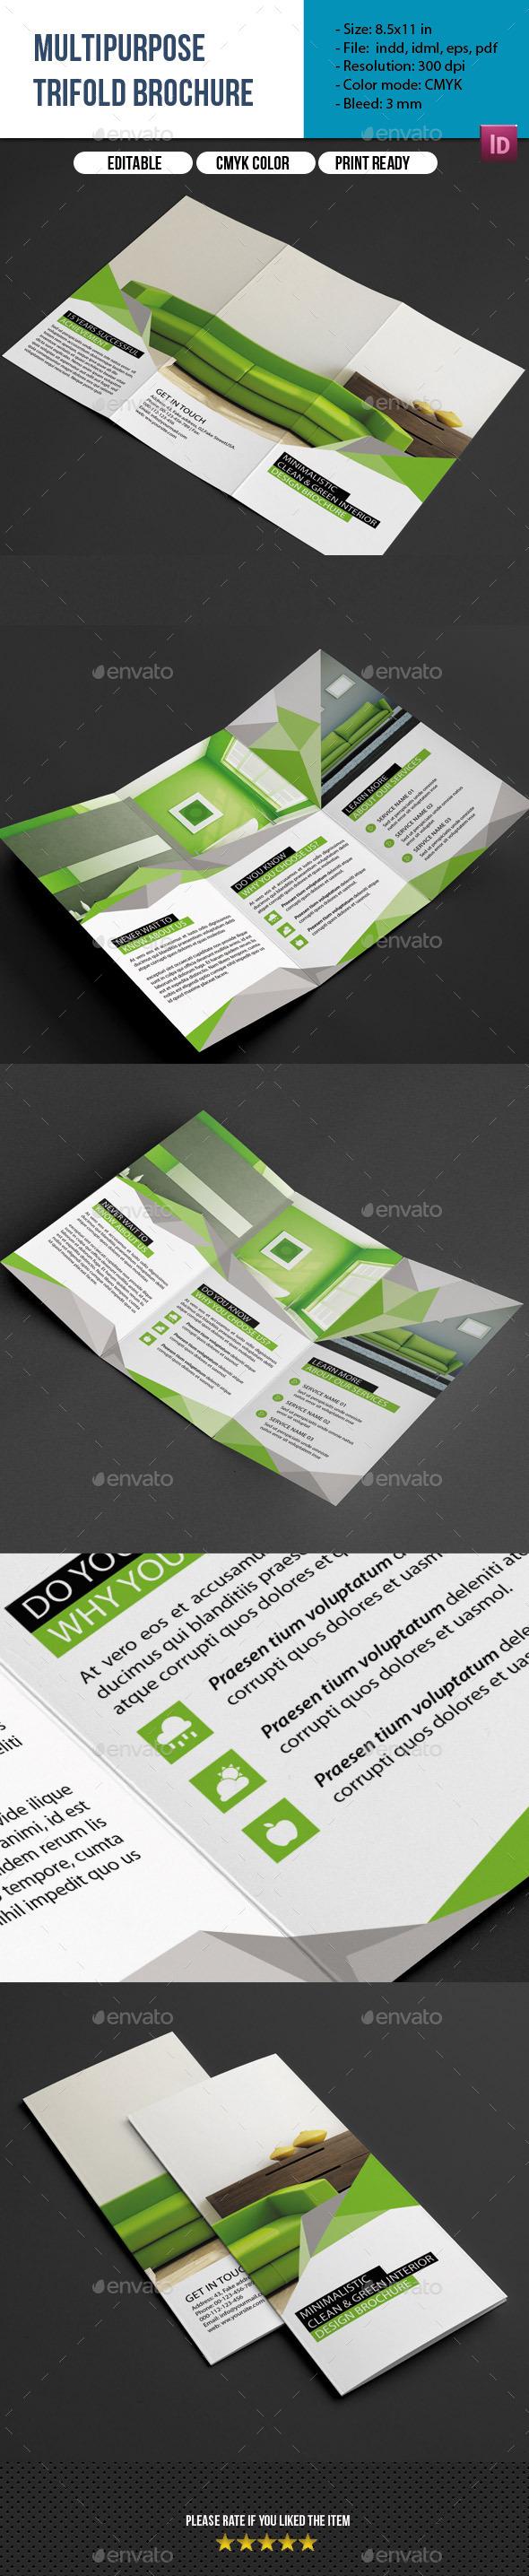 GraphicRiver Multipurpose Trifold Brochure 9724984